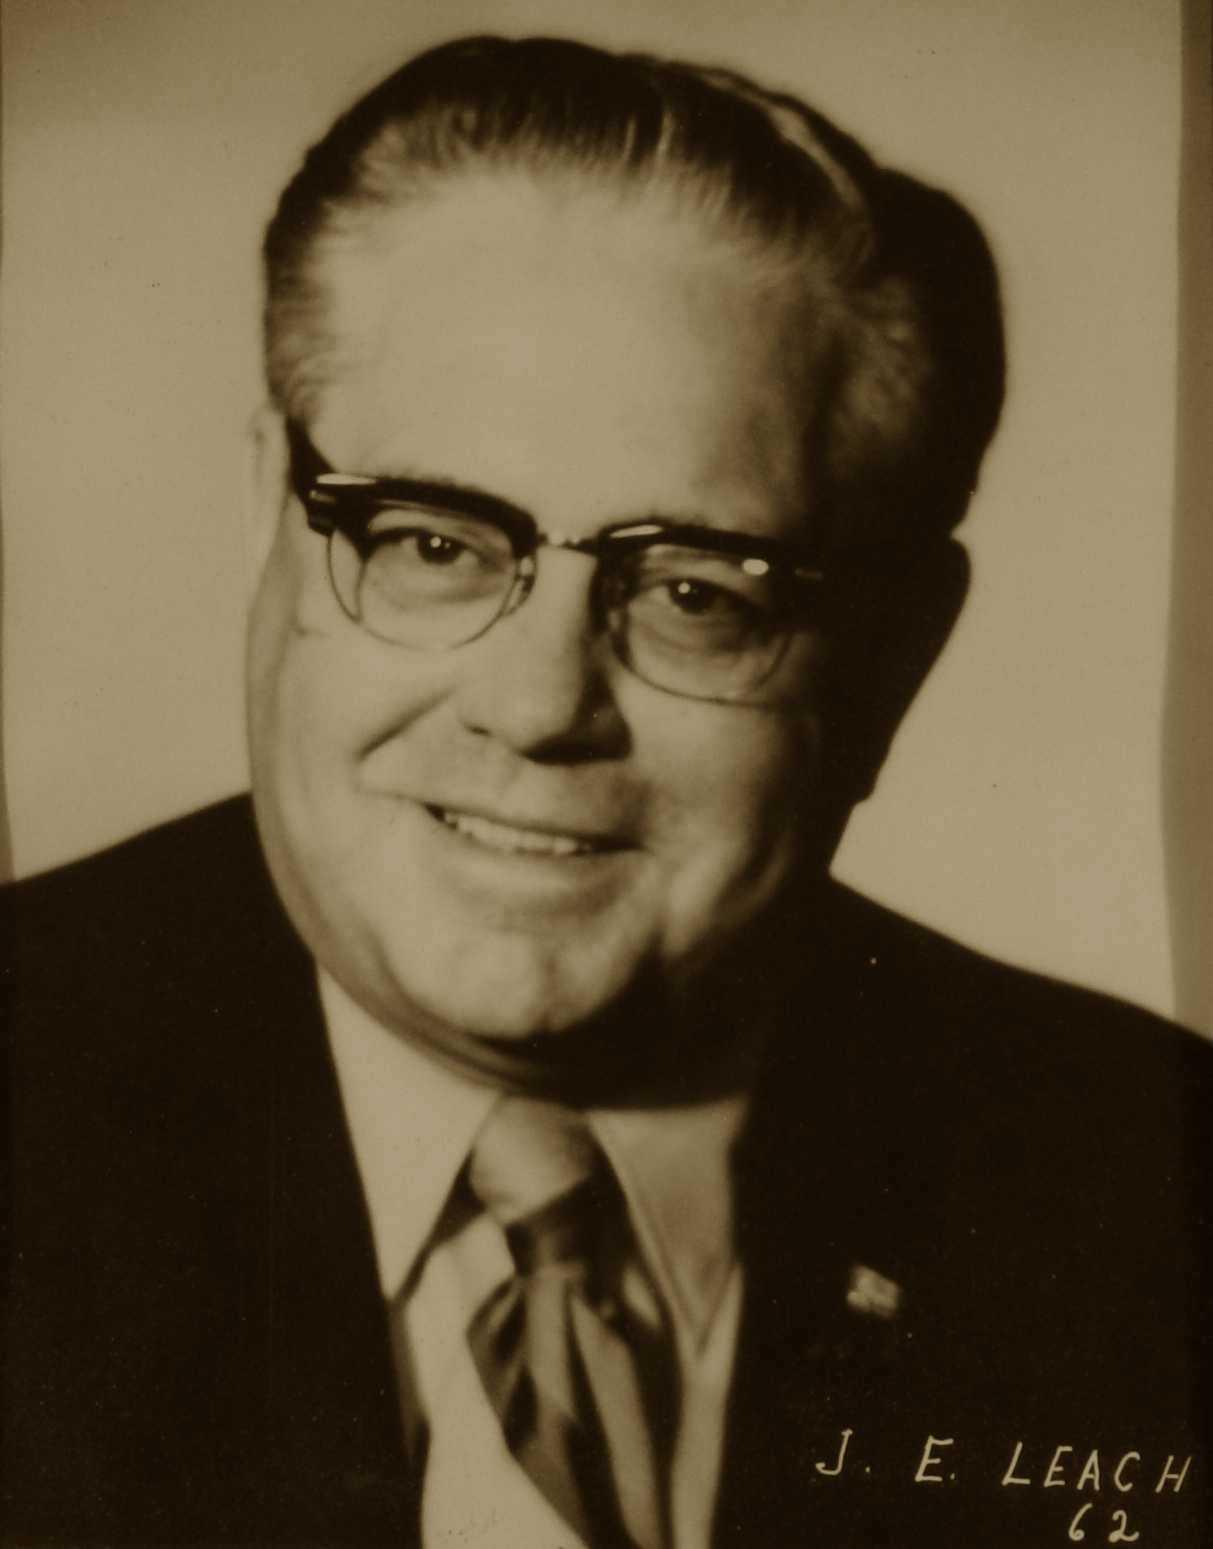 J. E. Leach, 1962